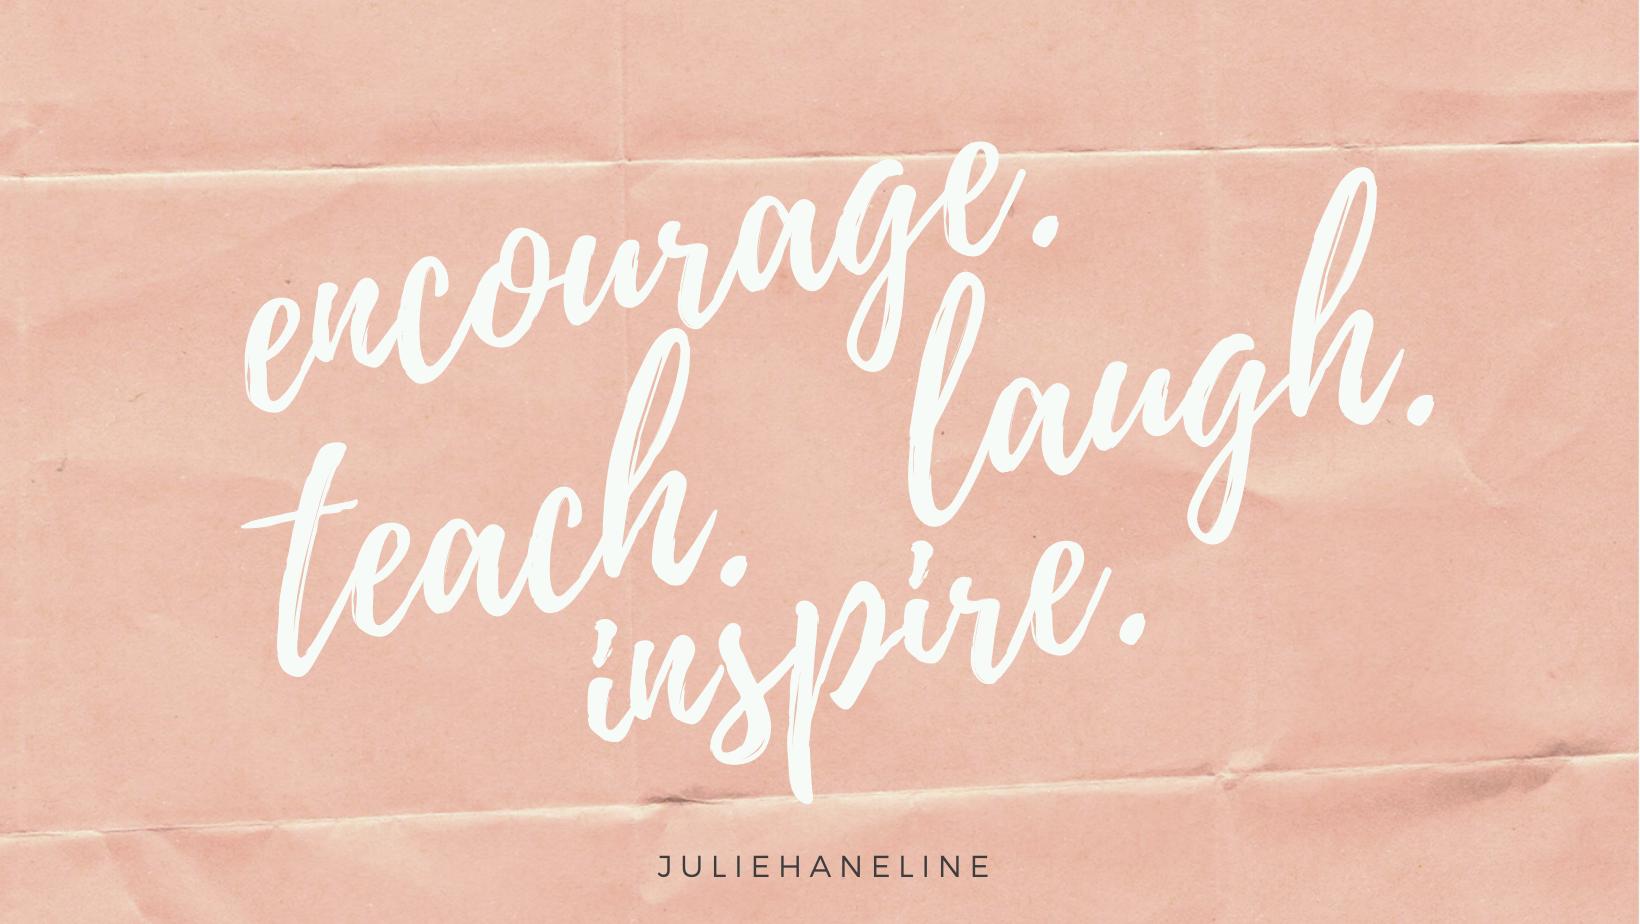 JulieHaneline Image